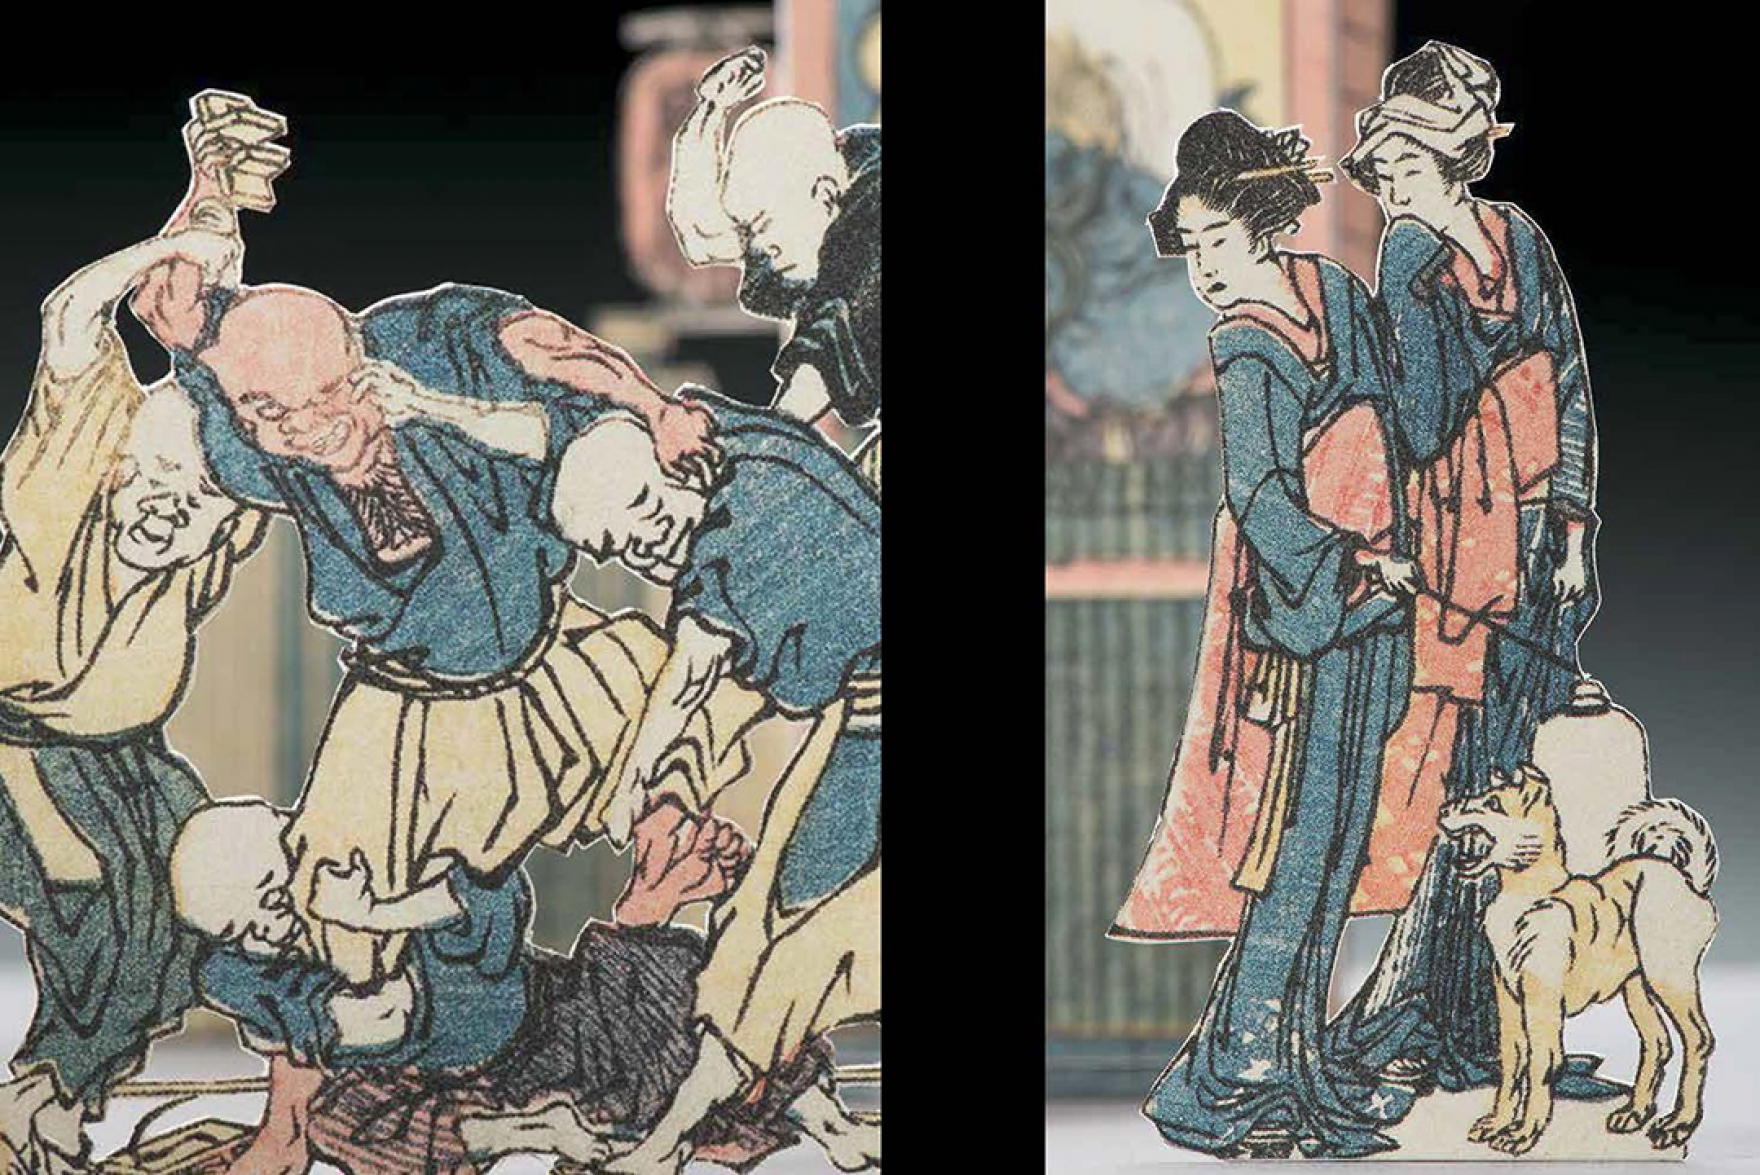 Hokusai spread 3